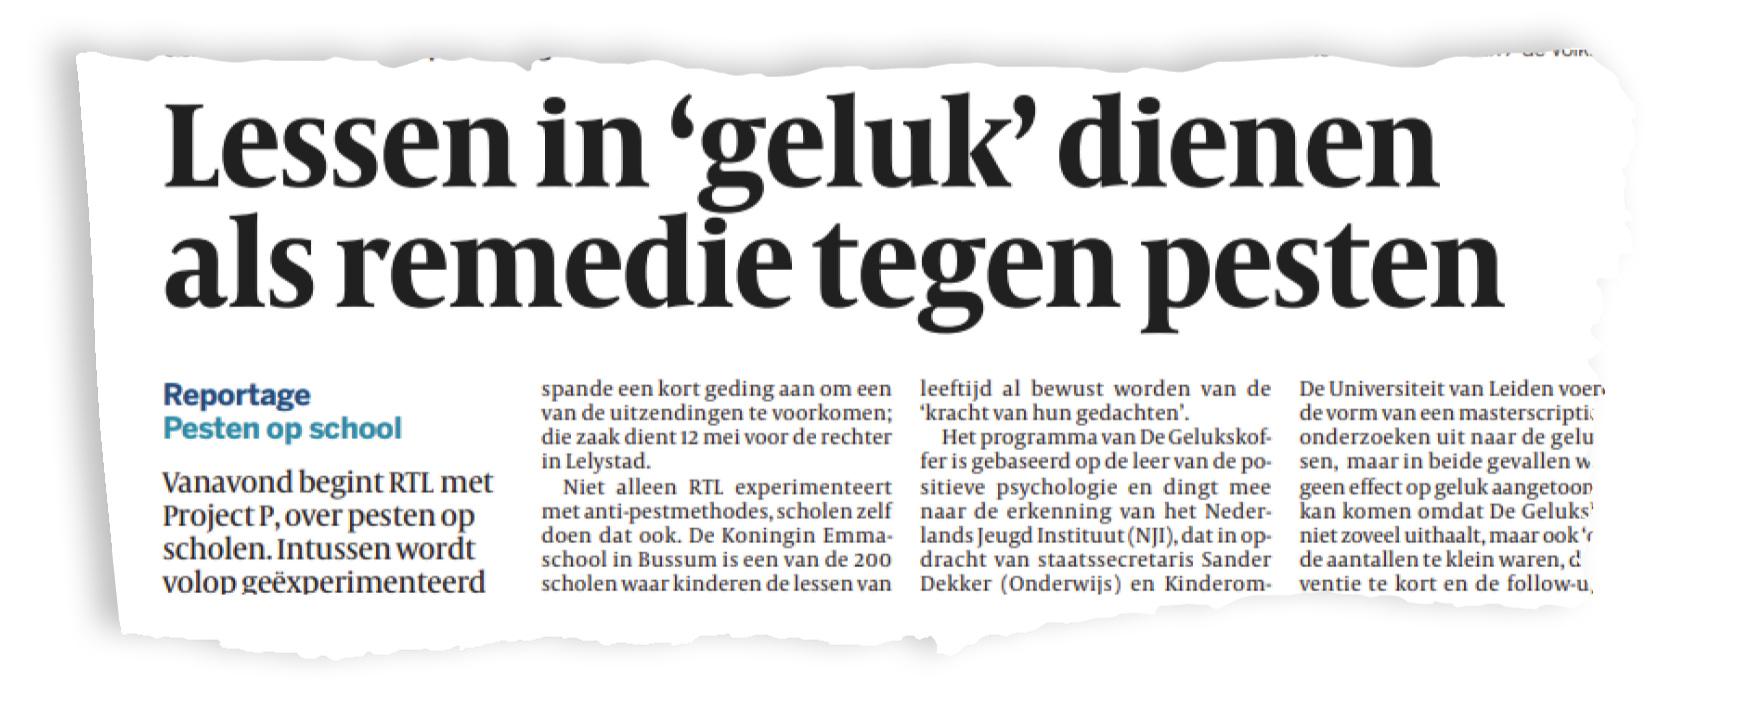 krantenartikels+lessen+in+geluk.jpg